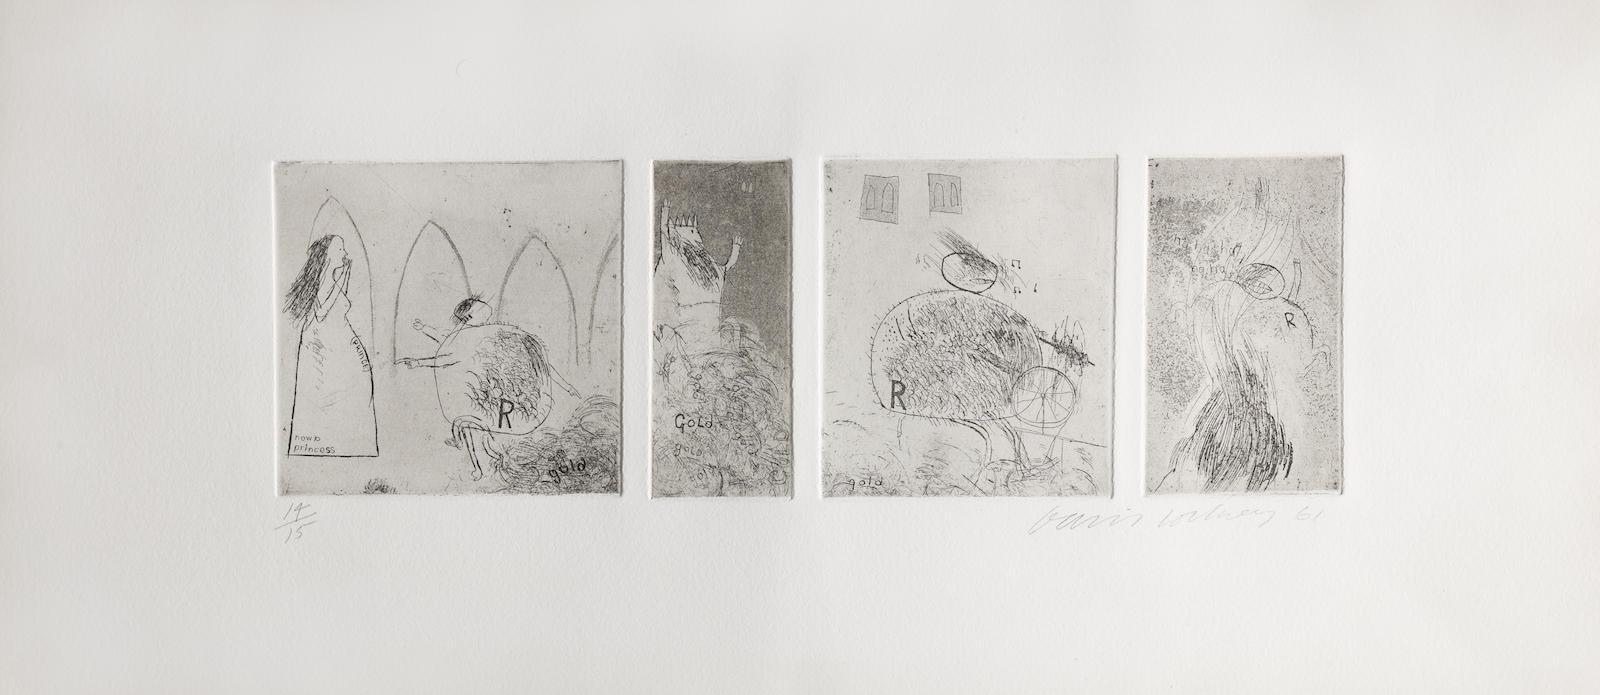 David Hockney-Study for Rumpelstiltskin-1961